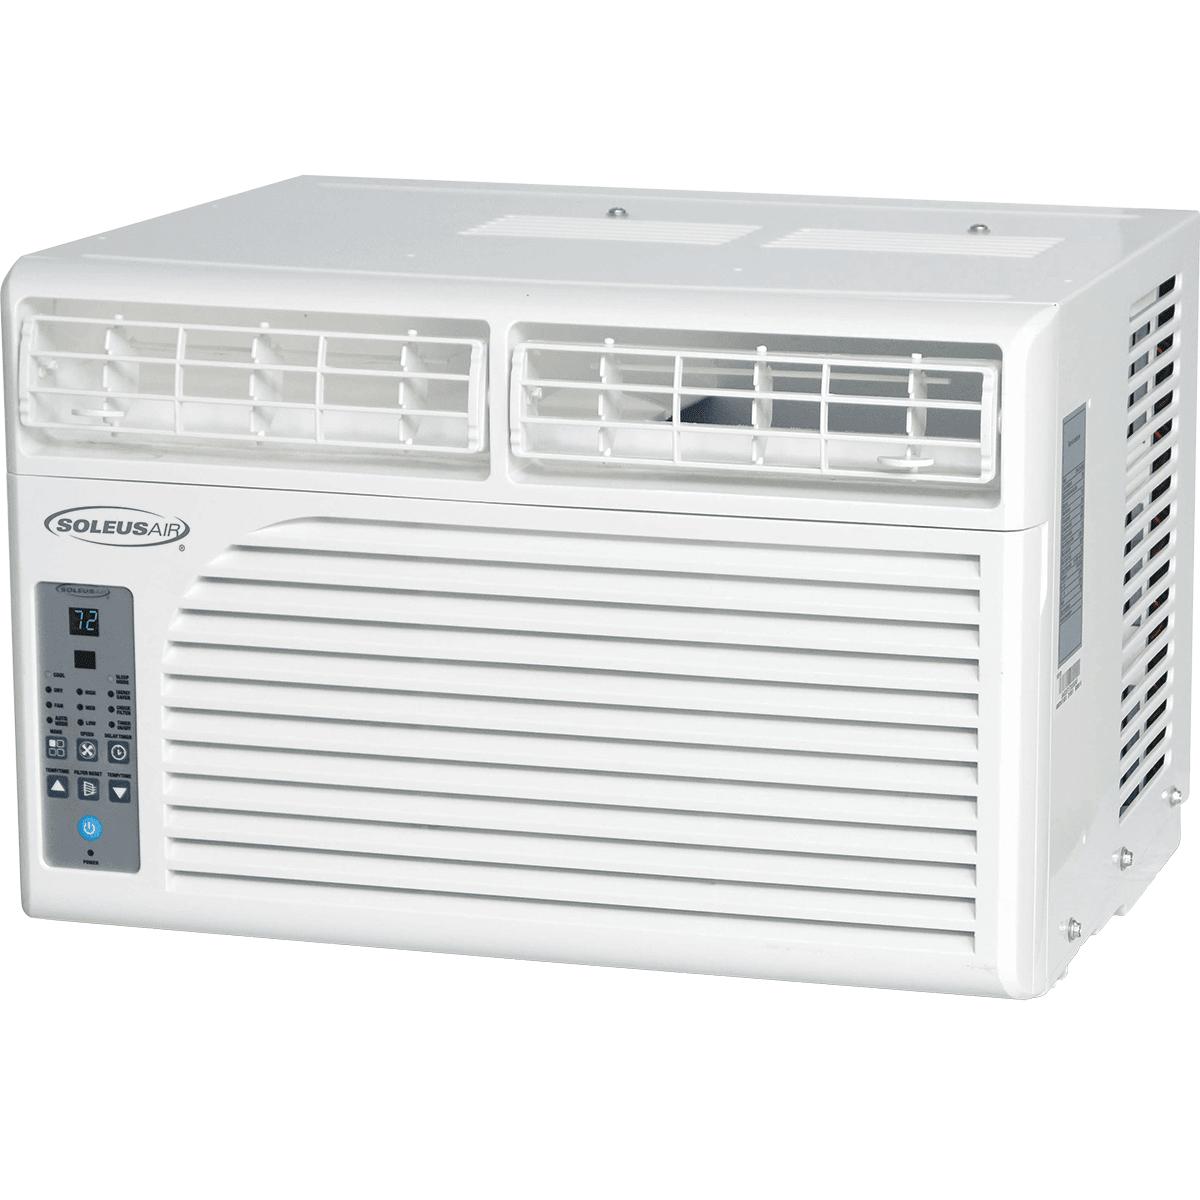 Soleus Air 6,400 BTU Window Air Conditioner WS1-06E-01